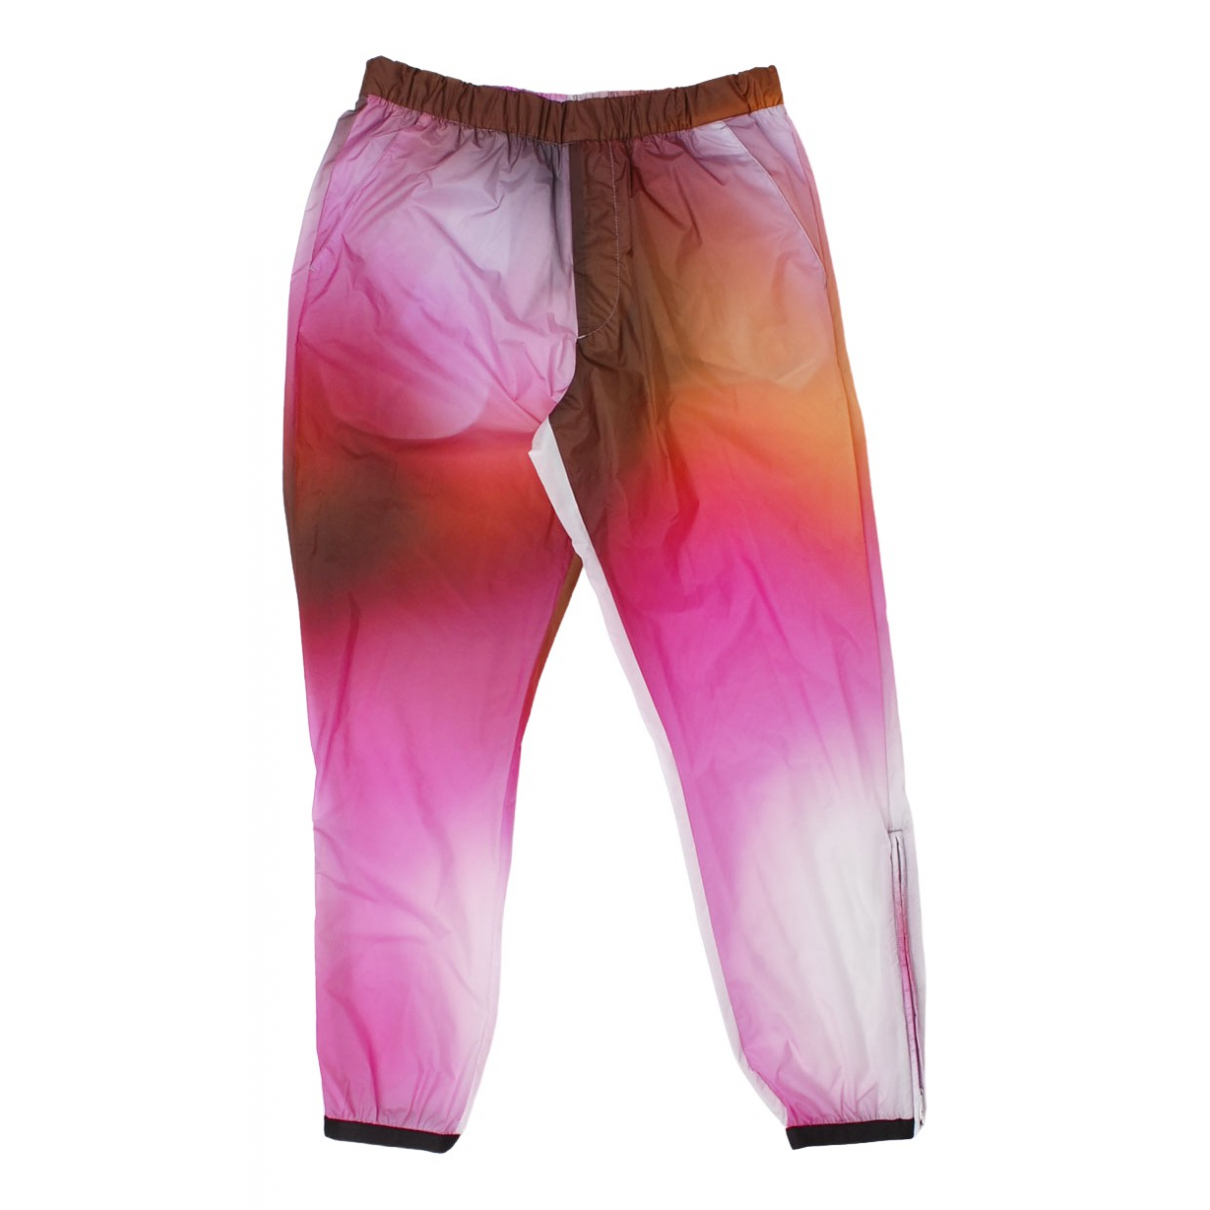 Pantalones en Sintetico Multicolor Prada